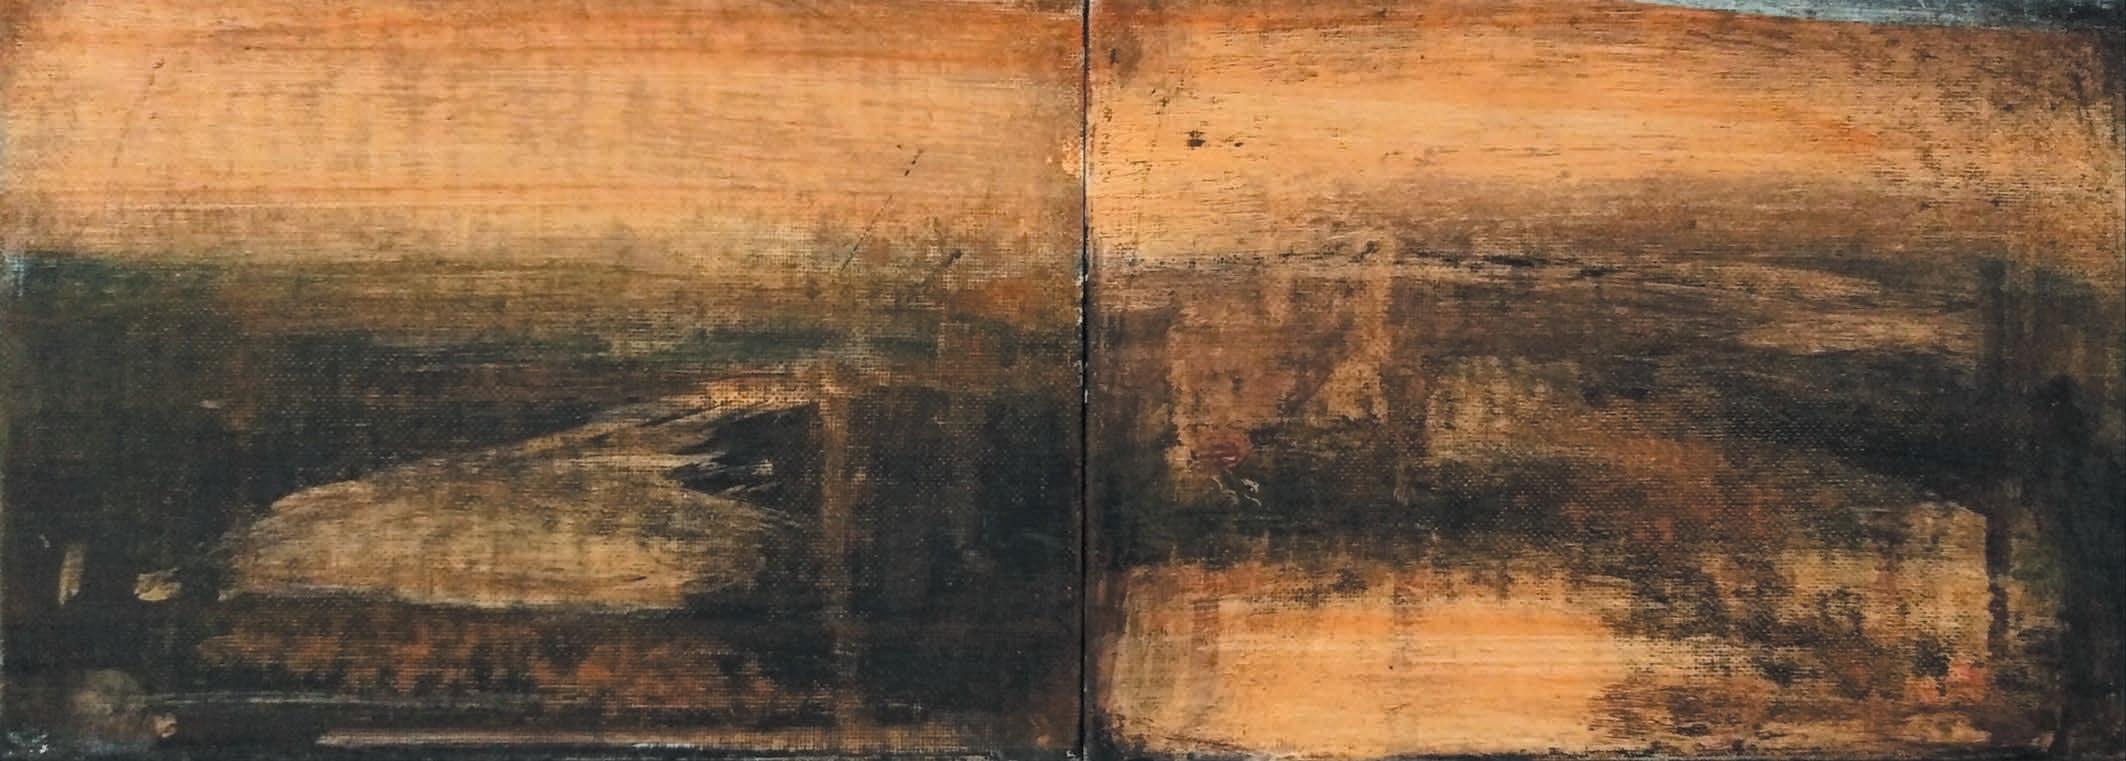 Massimo Romani, Landscape (3) - 2019 - olio su cartone telato - 13 x 36 cm